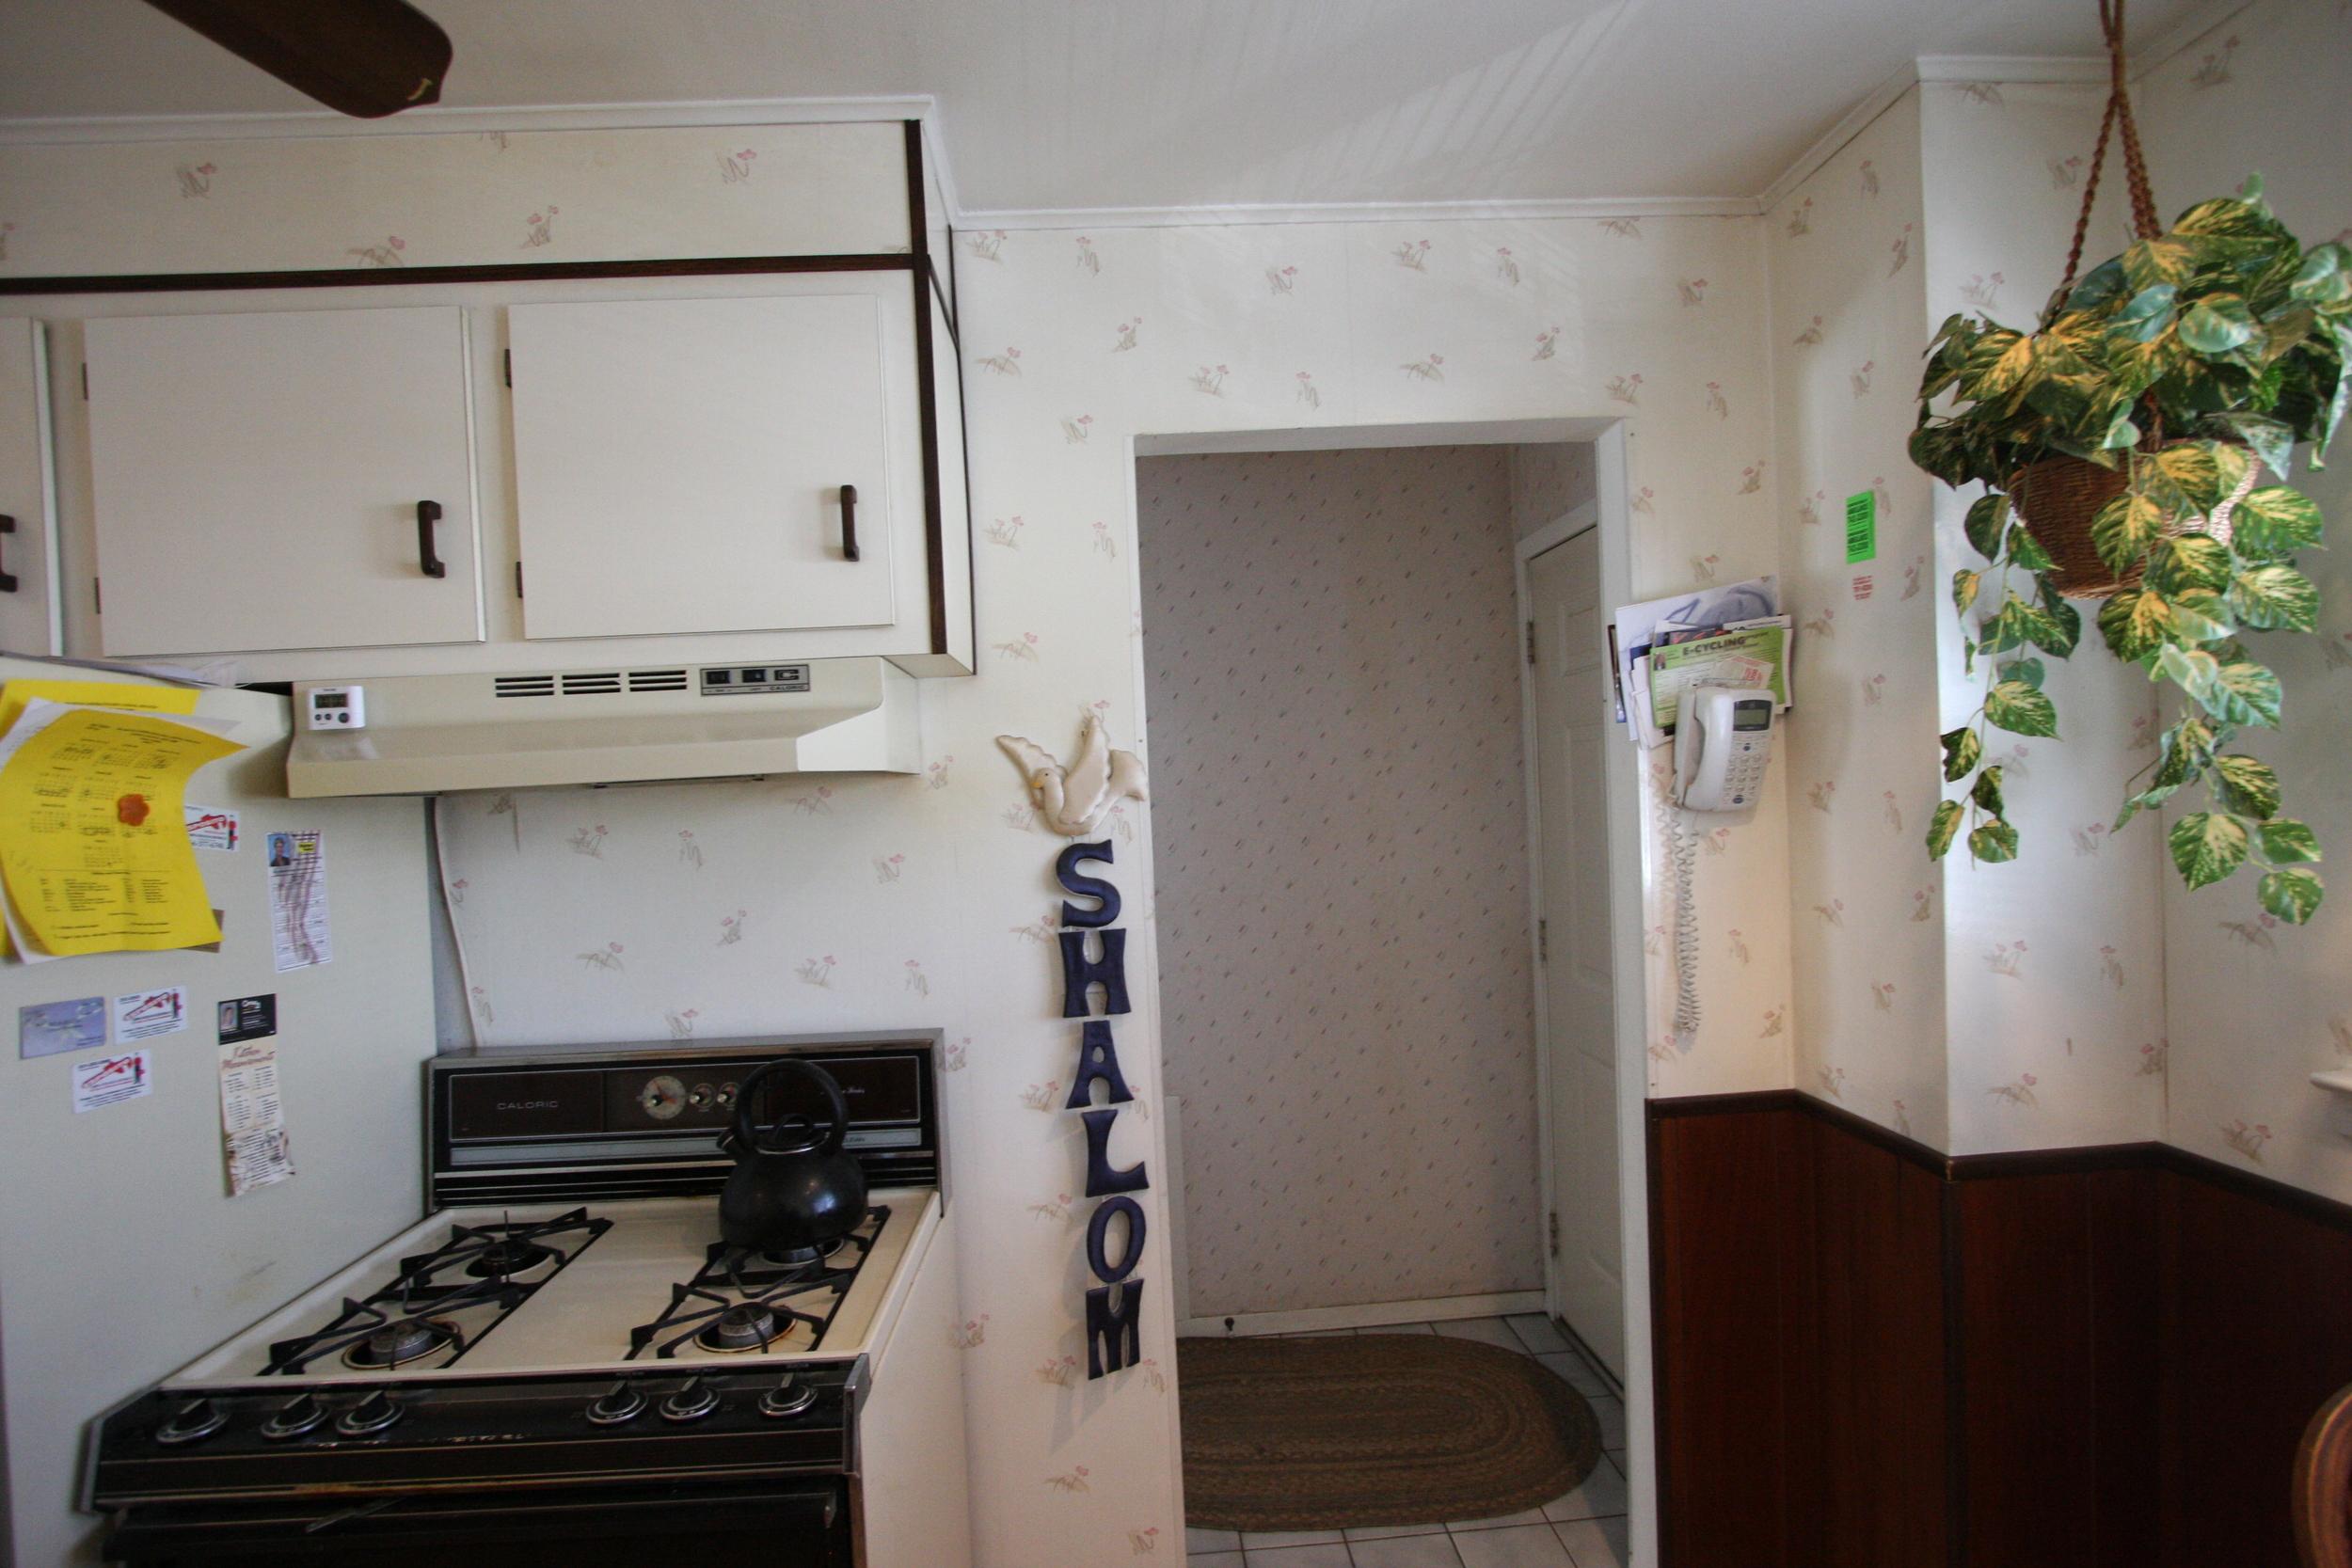 Masterson kitchen 2-17-11 031.jpg